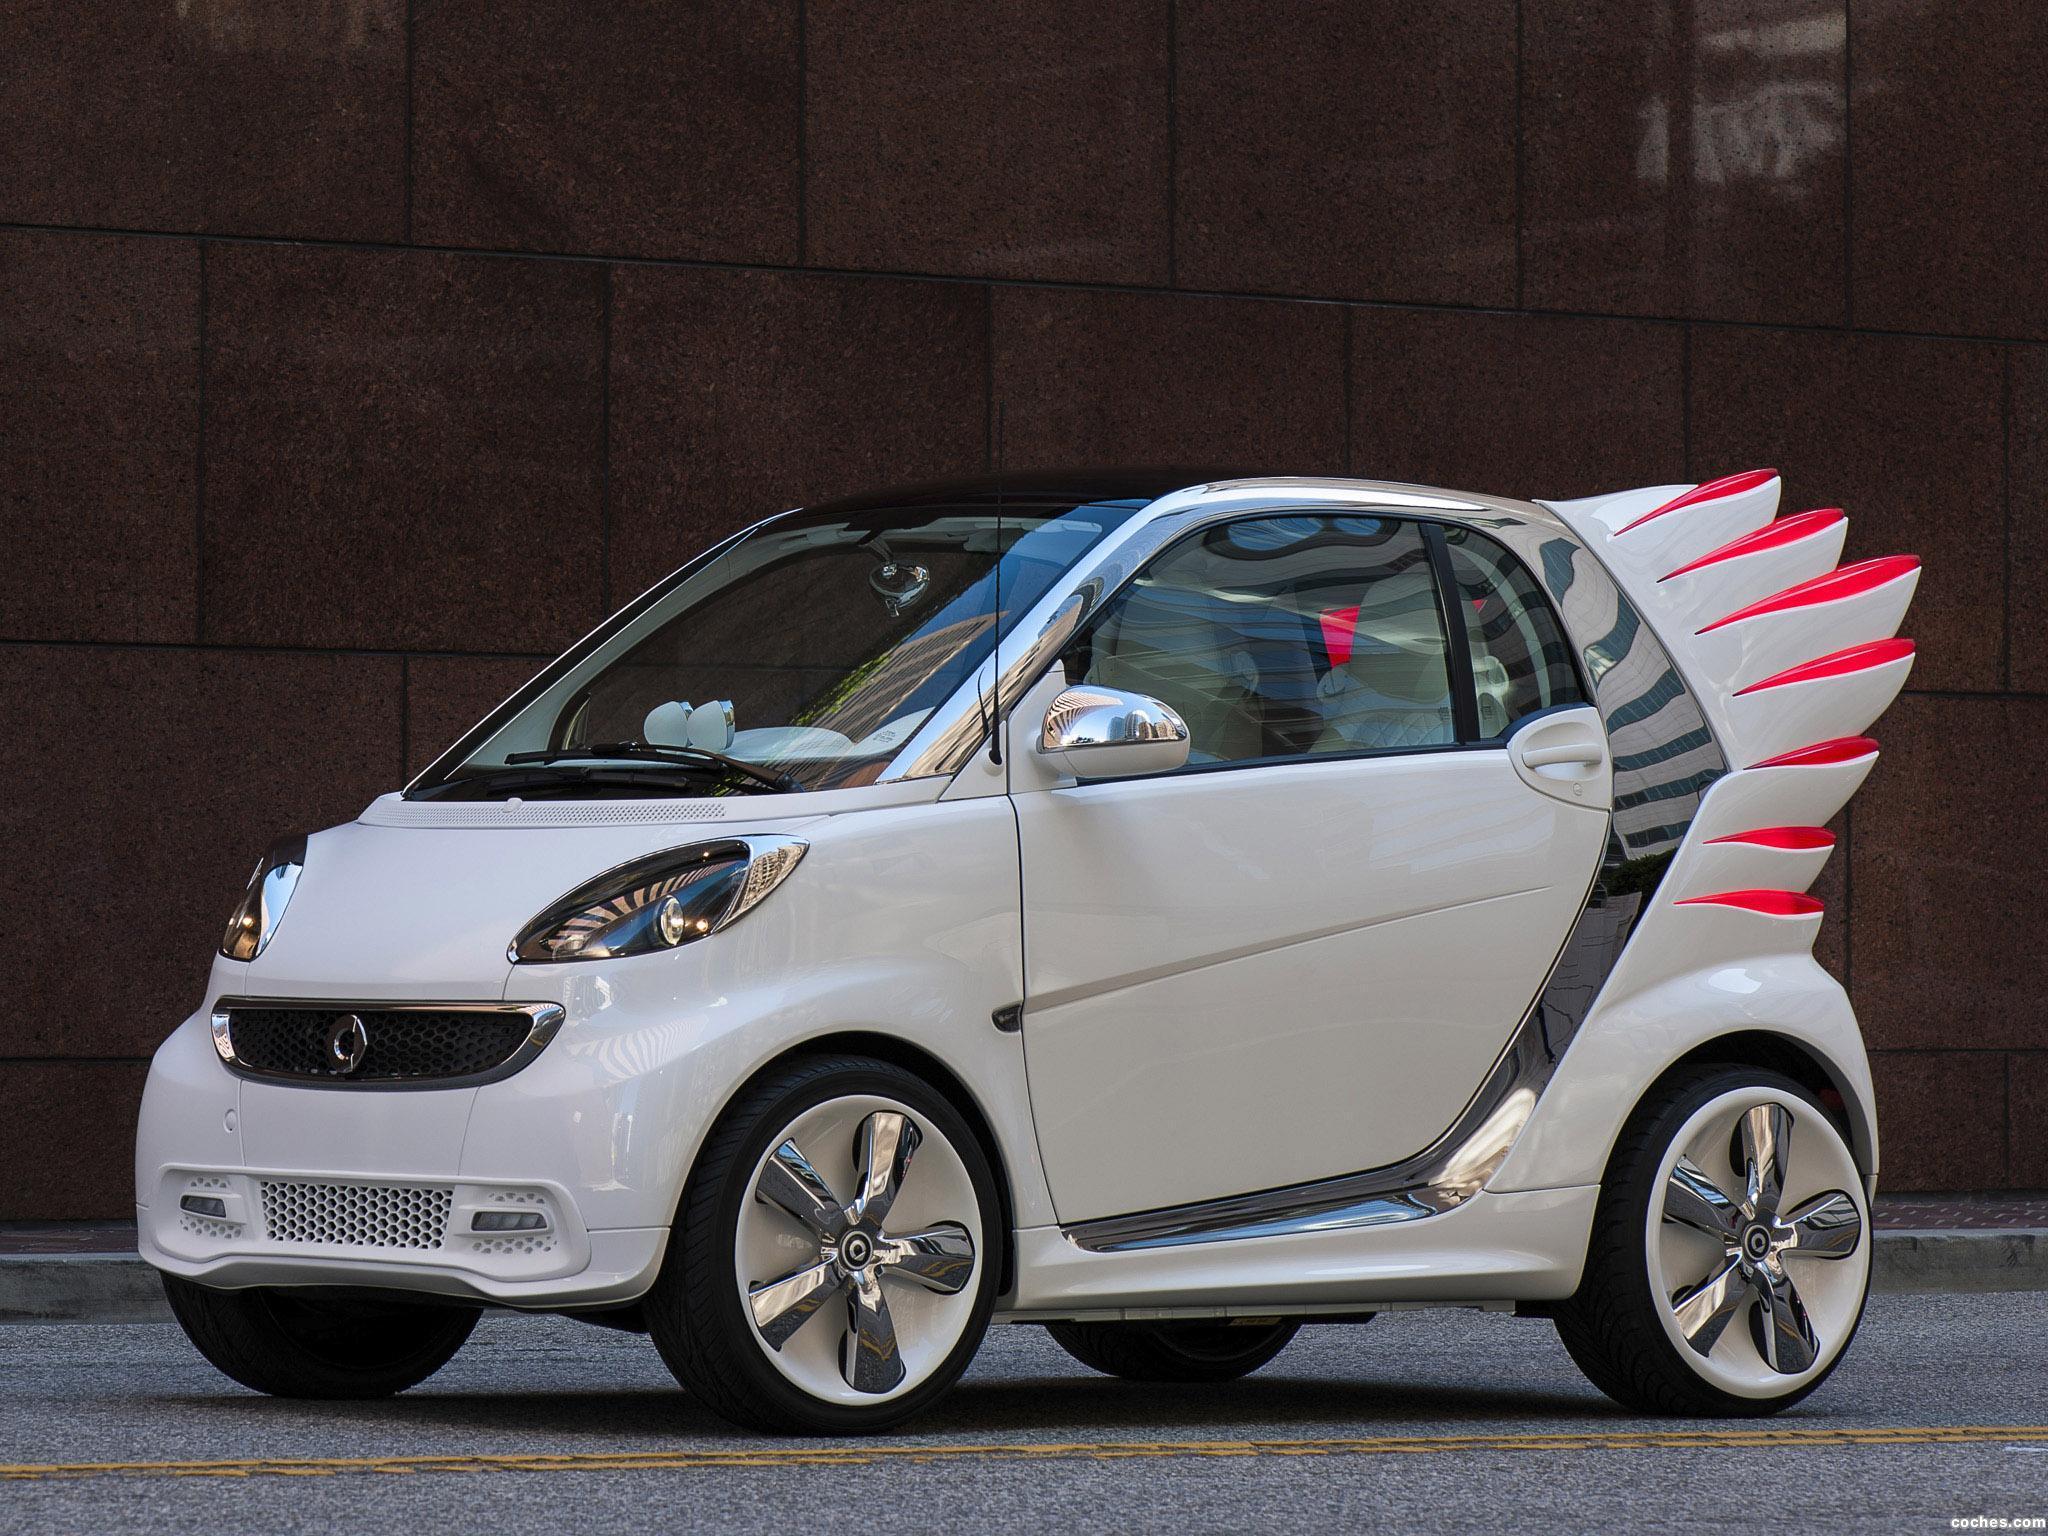 Foto 0 de Smart ForJeremy Concept 2012